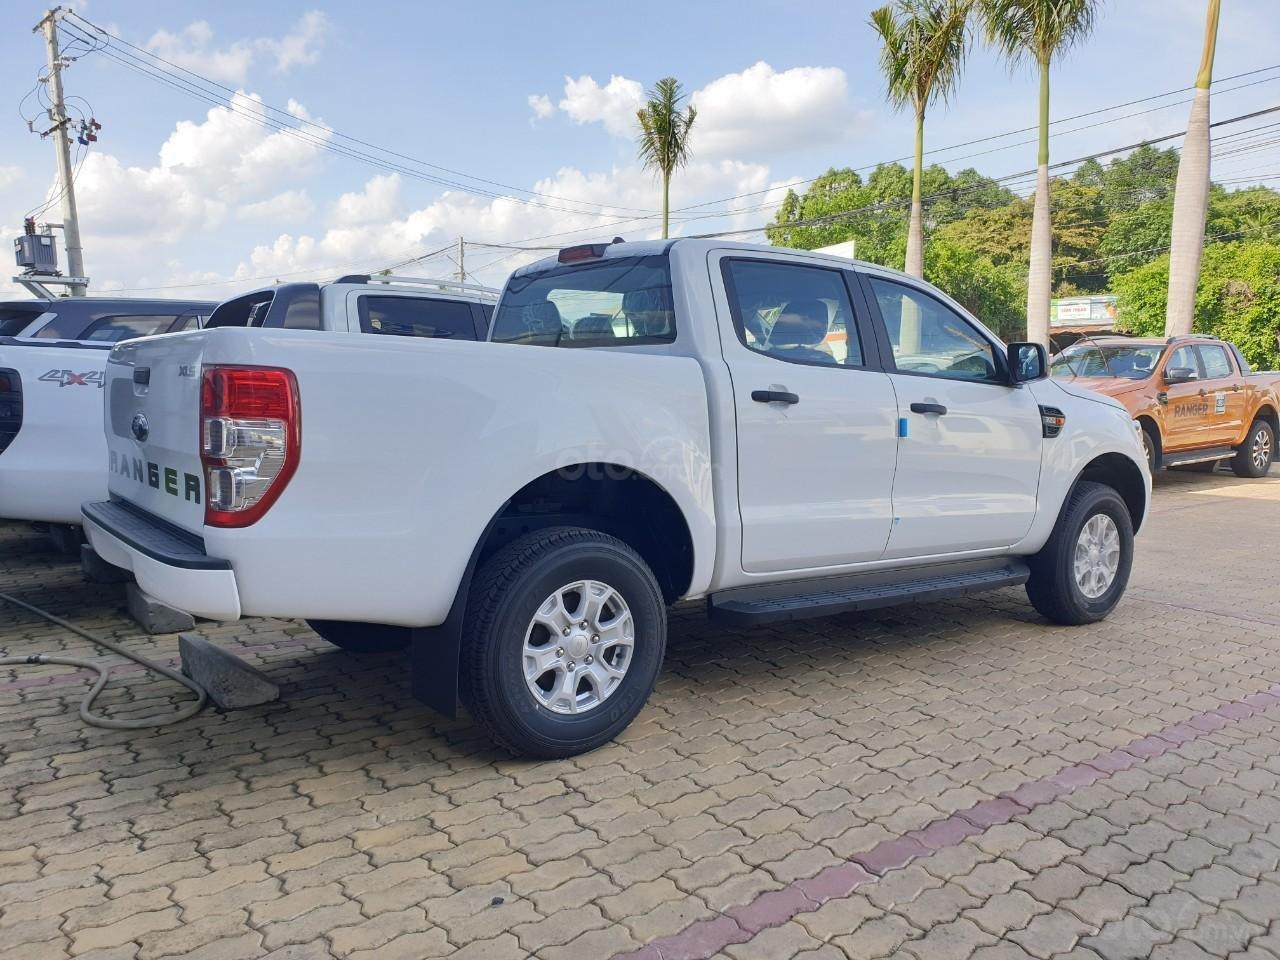 Ford Tây Ninh bán Ford Ranger bán tải 2019 giao ngay giá rẻ nhất, liên hệ 0962.060.416 (4)